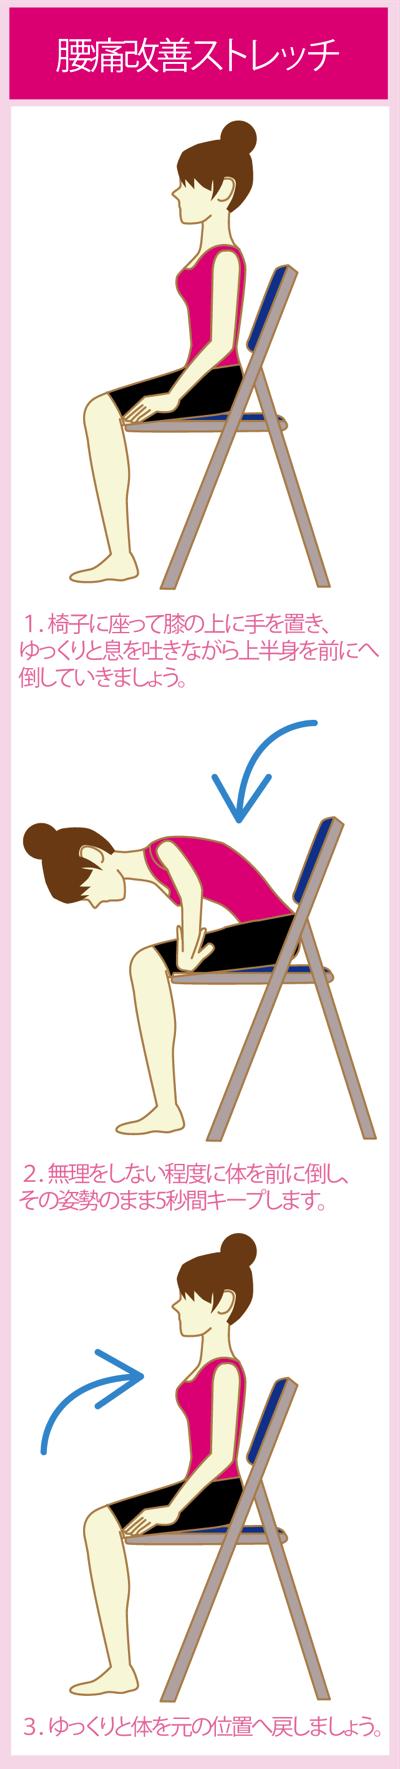 腰の痛みを改善する椅子で出来るストレッチ